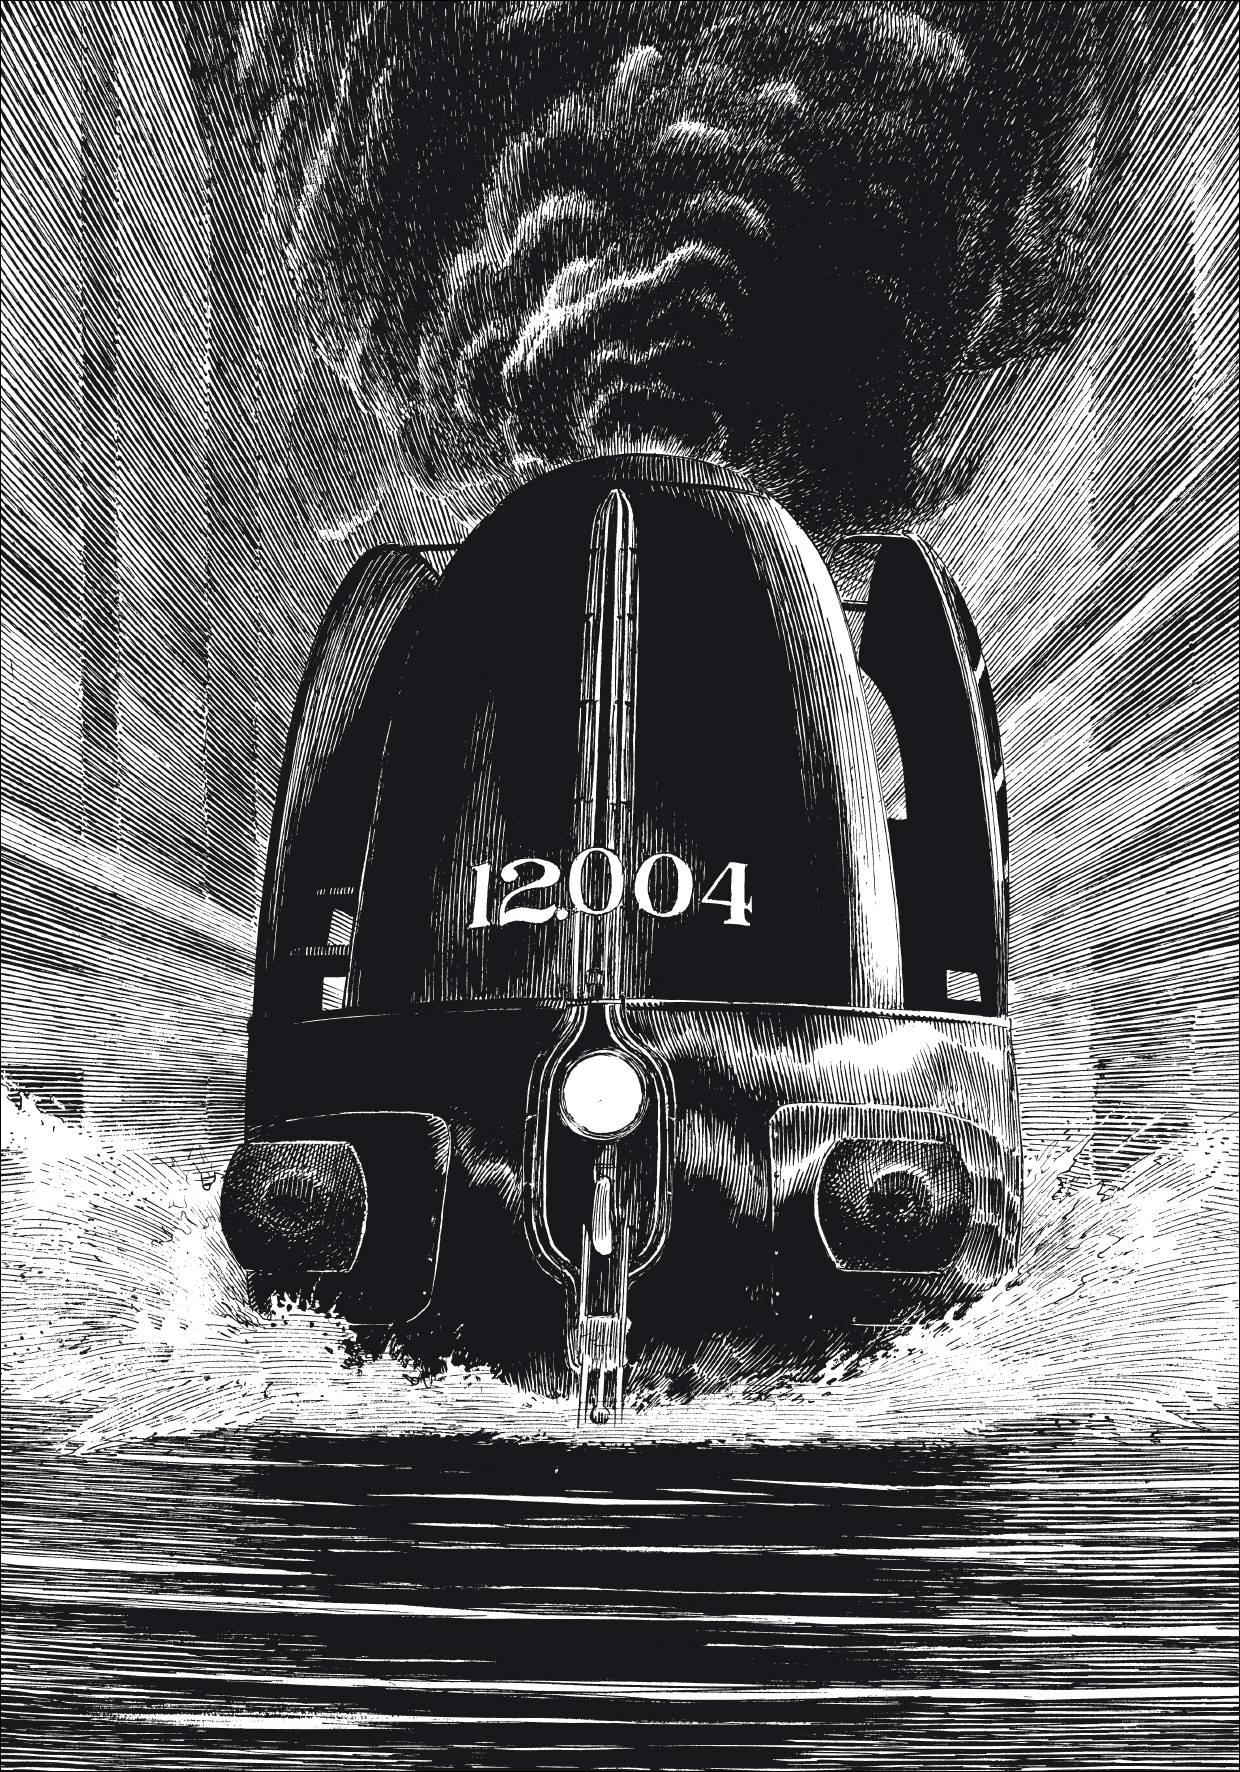 La Type 12 - À pleine vapeur by François Schuiten